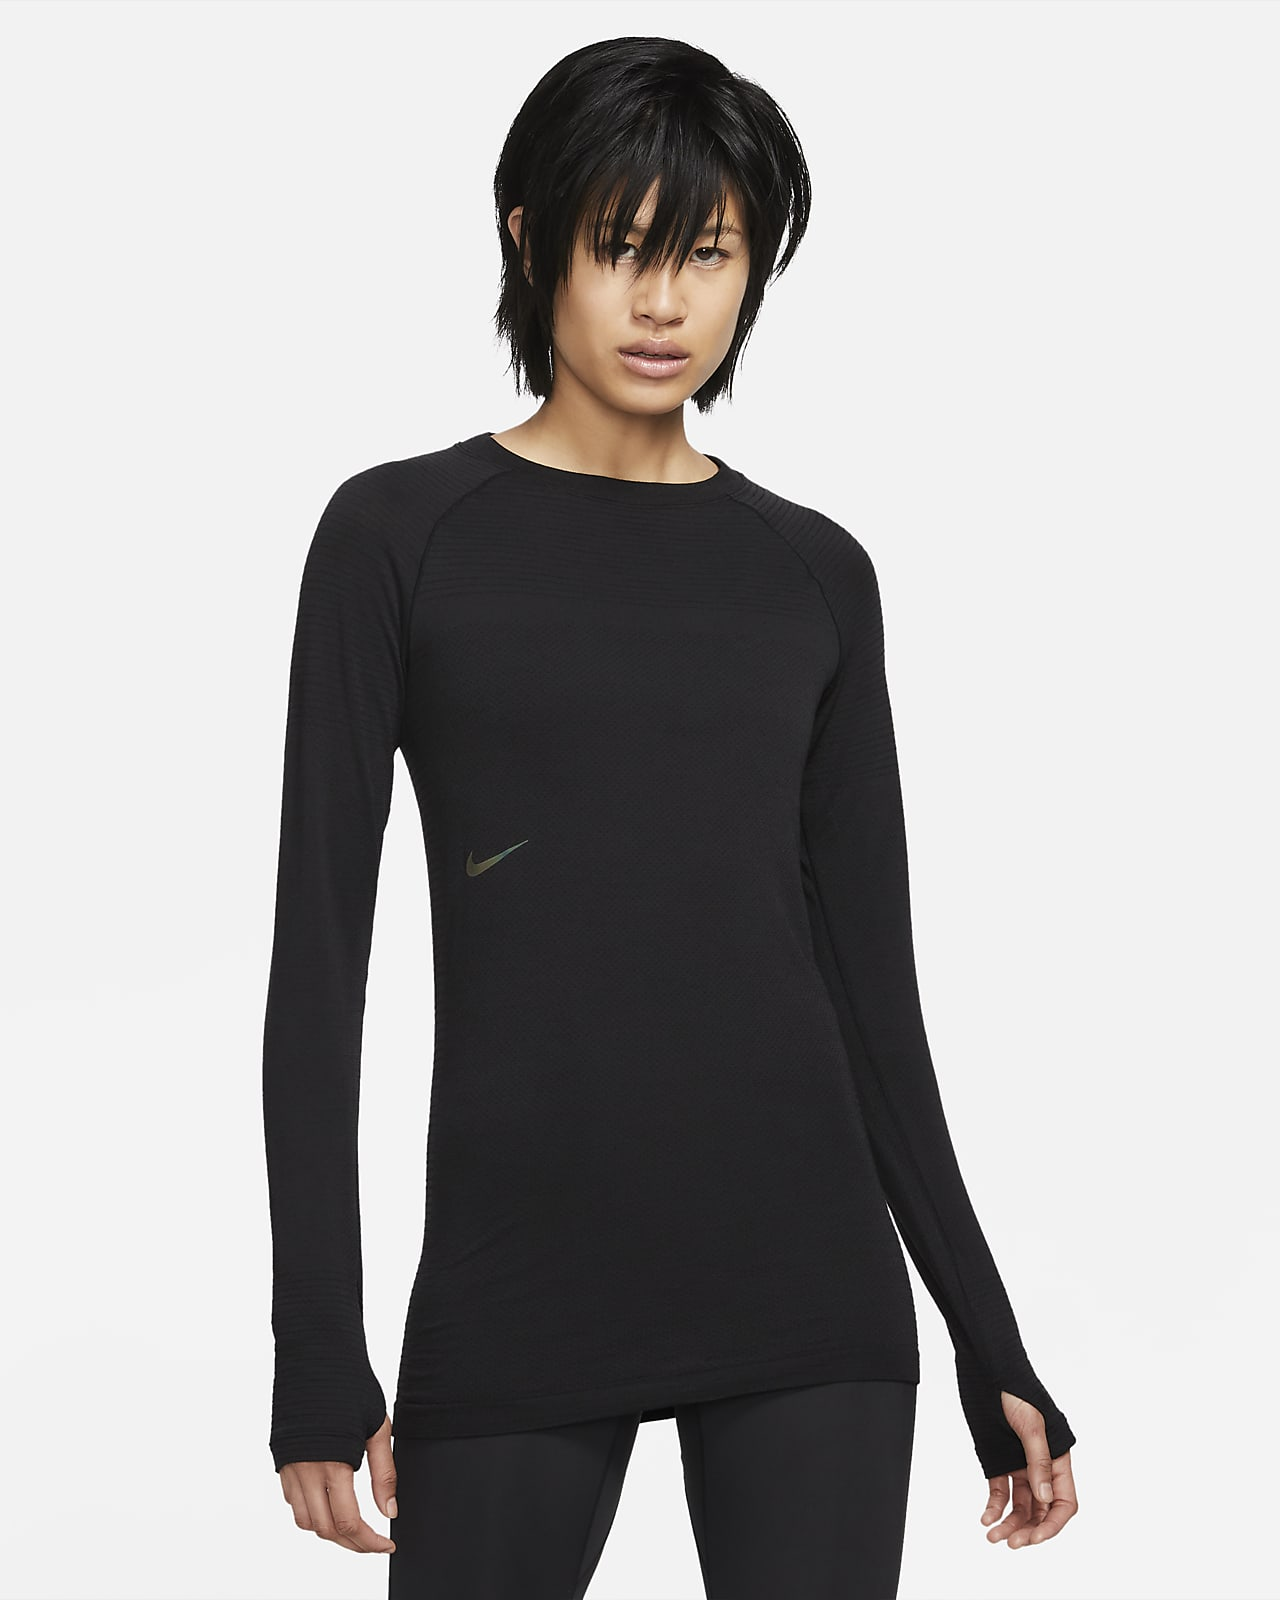 Haut en laine à manches longues Nike NSRL pour Femme